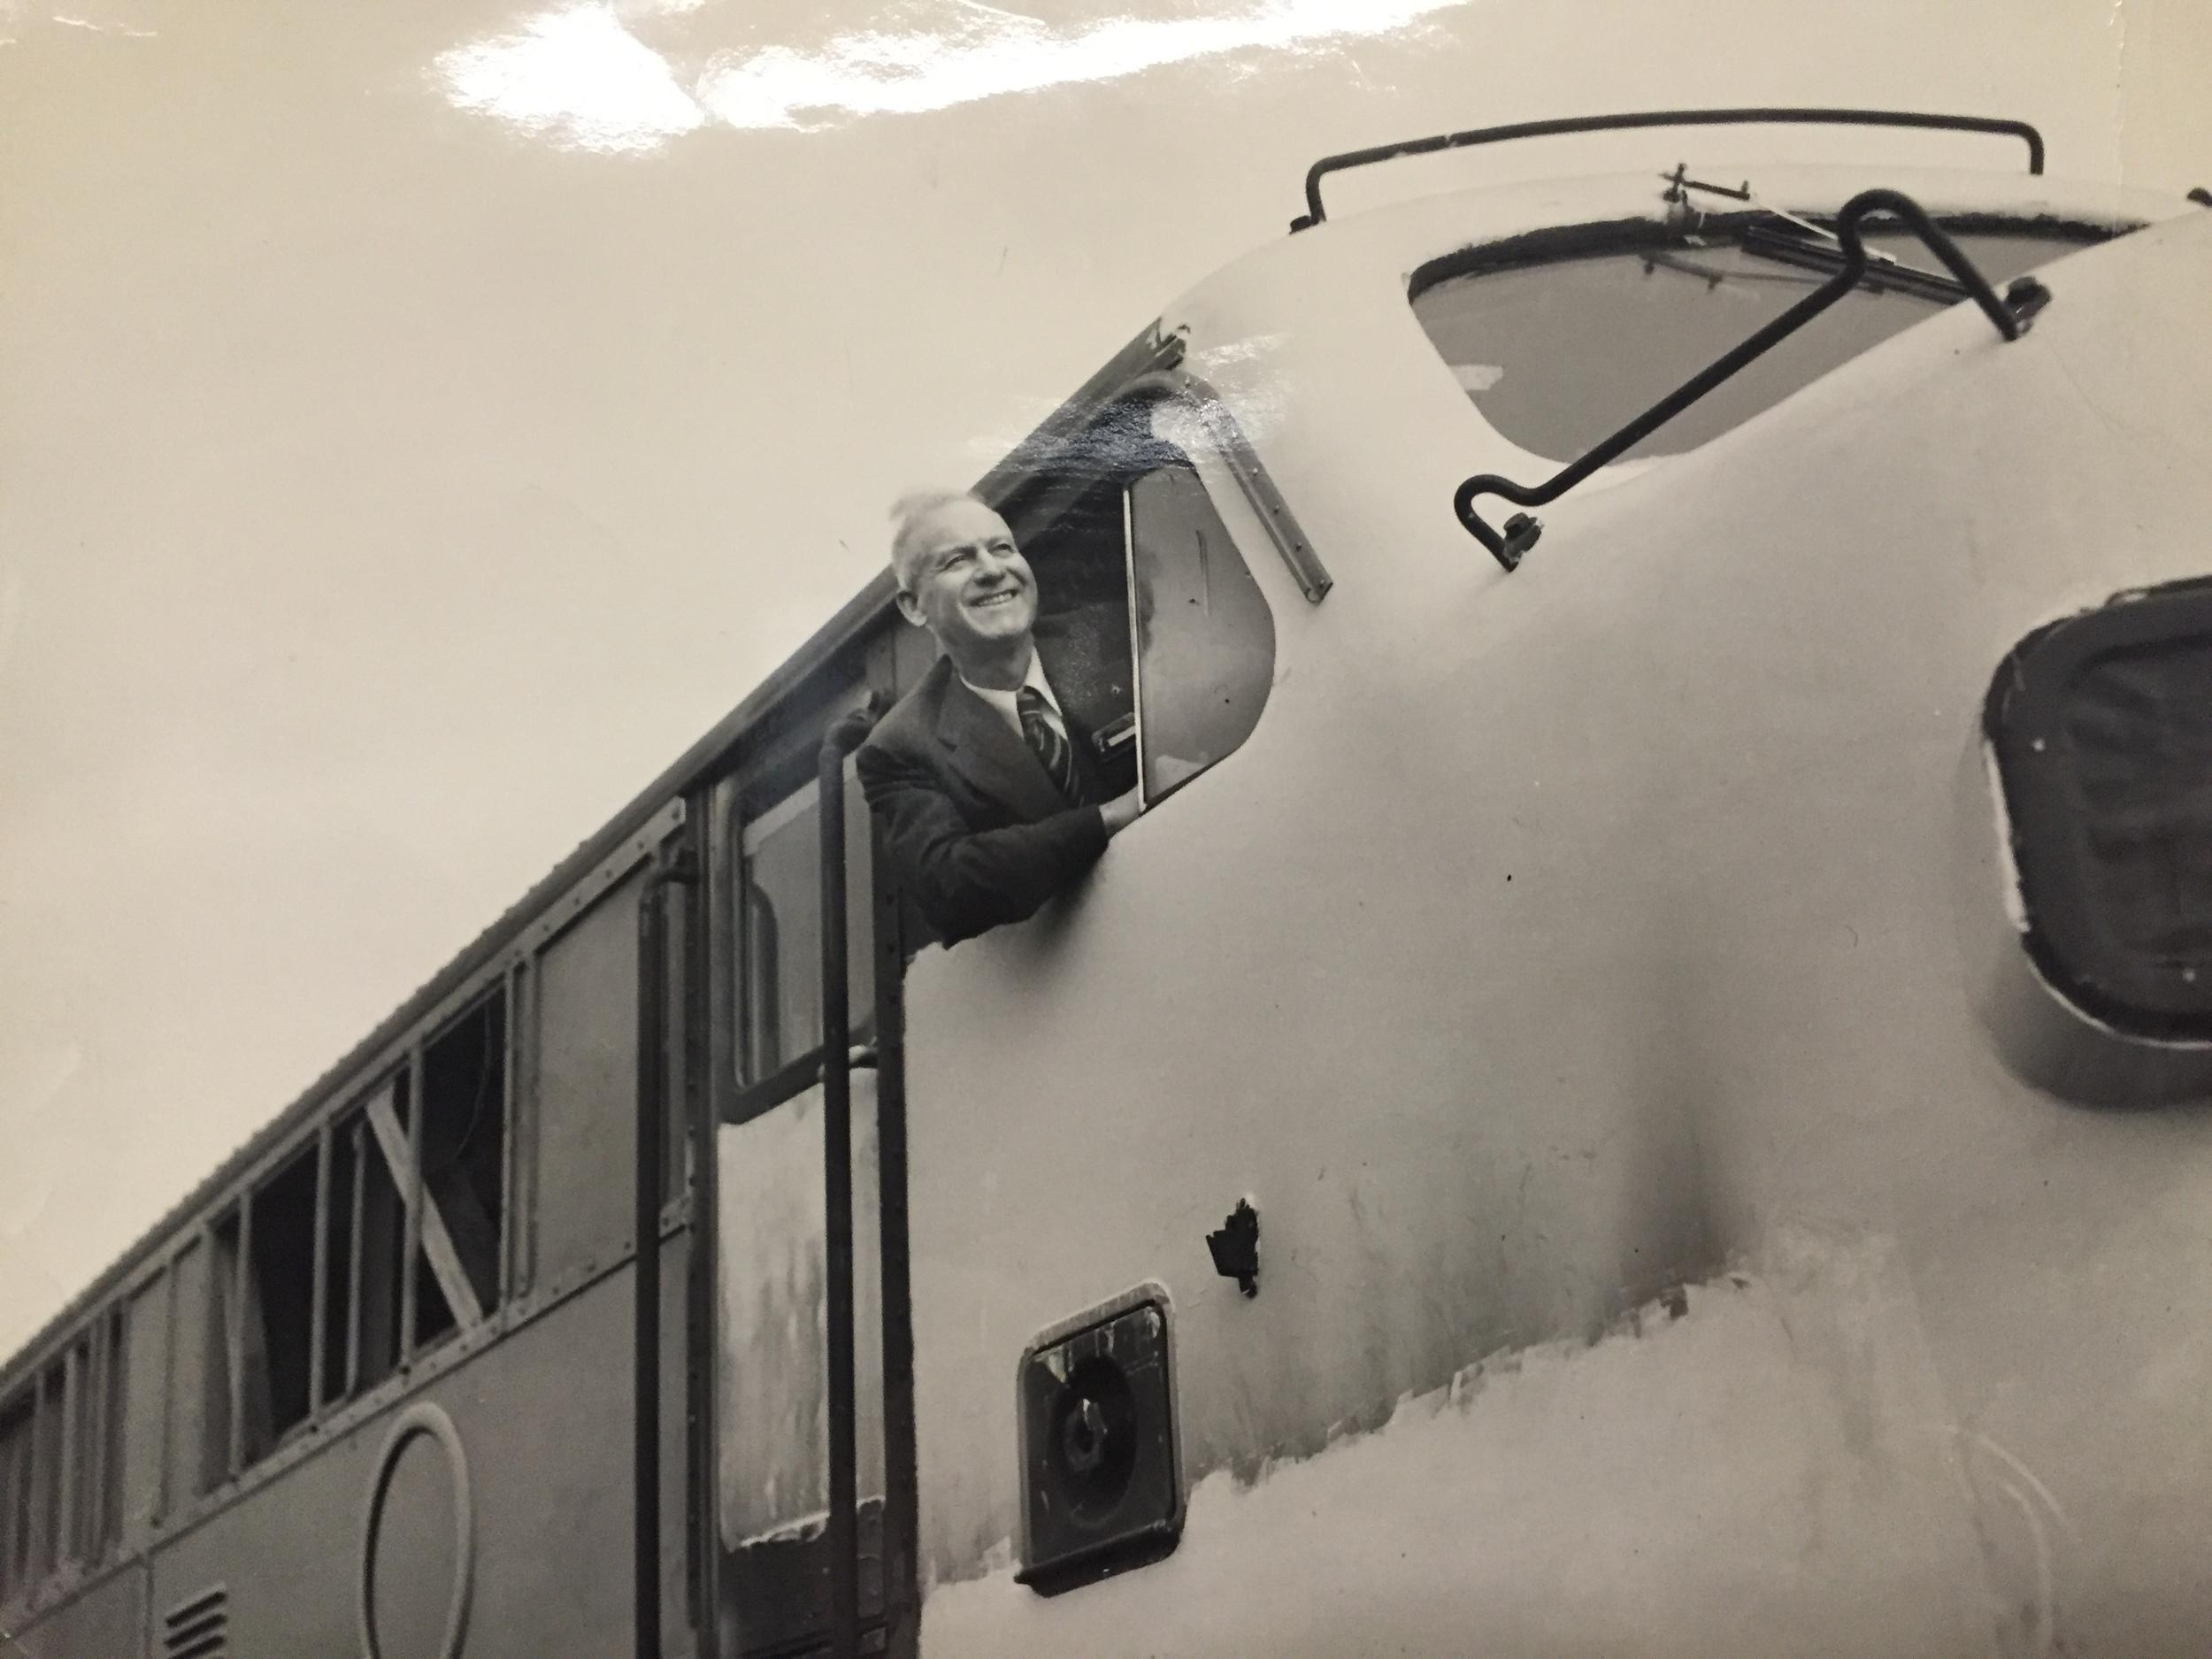 Billy Jones aboard a train.